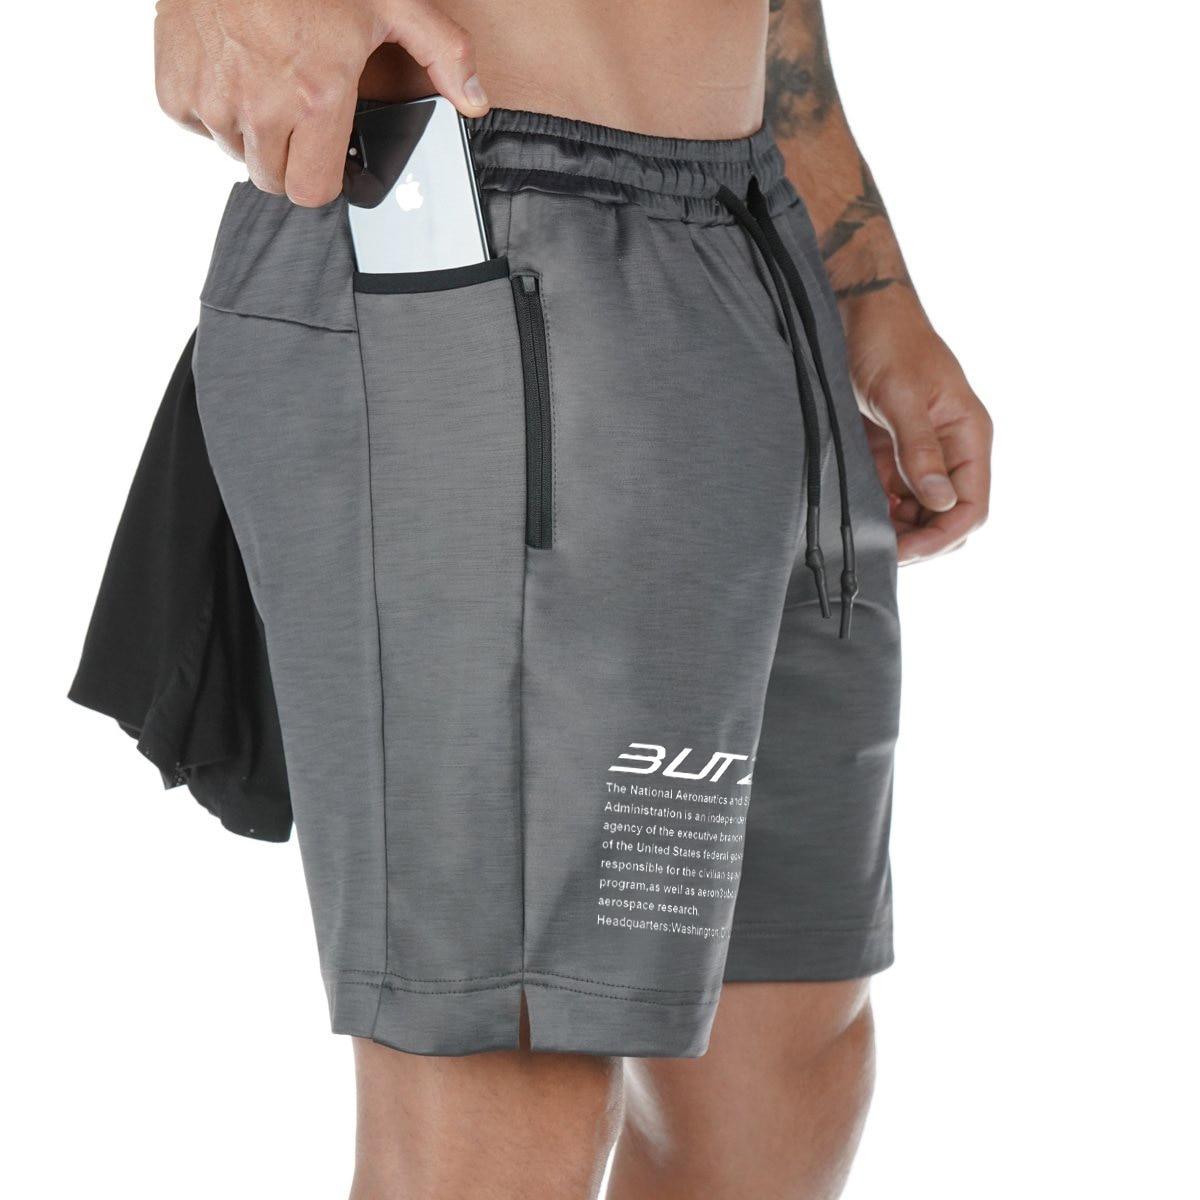 Мужские летние шорты для бега с принтом букв, эластичная талия, шорты для бега, тренажерного зала, фитнеса, быстросохнущие тренировочные повседневные шорты, мужские брюки, 2021|Шорты|   | АлиЭкспресс